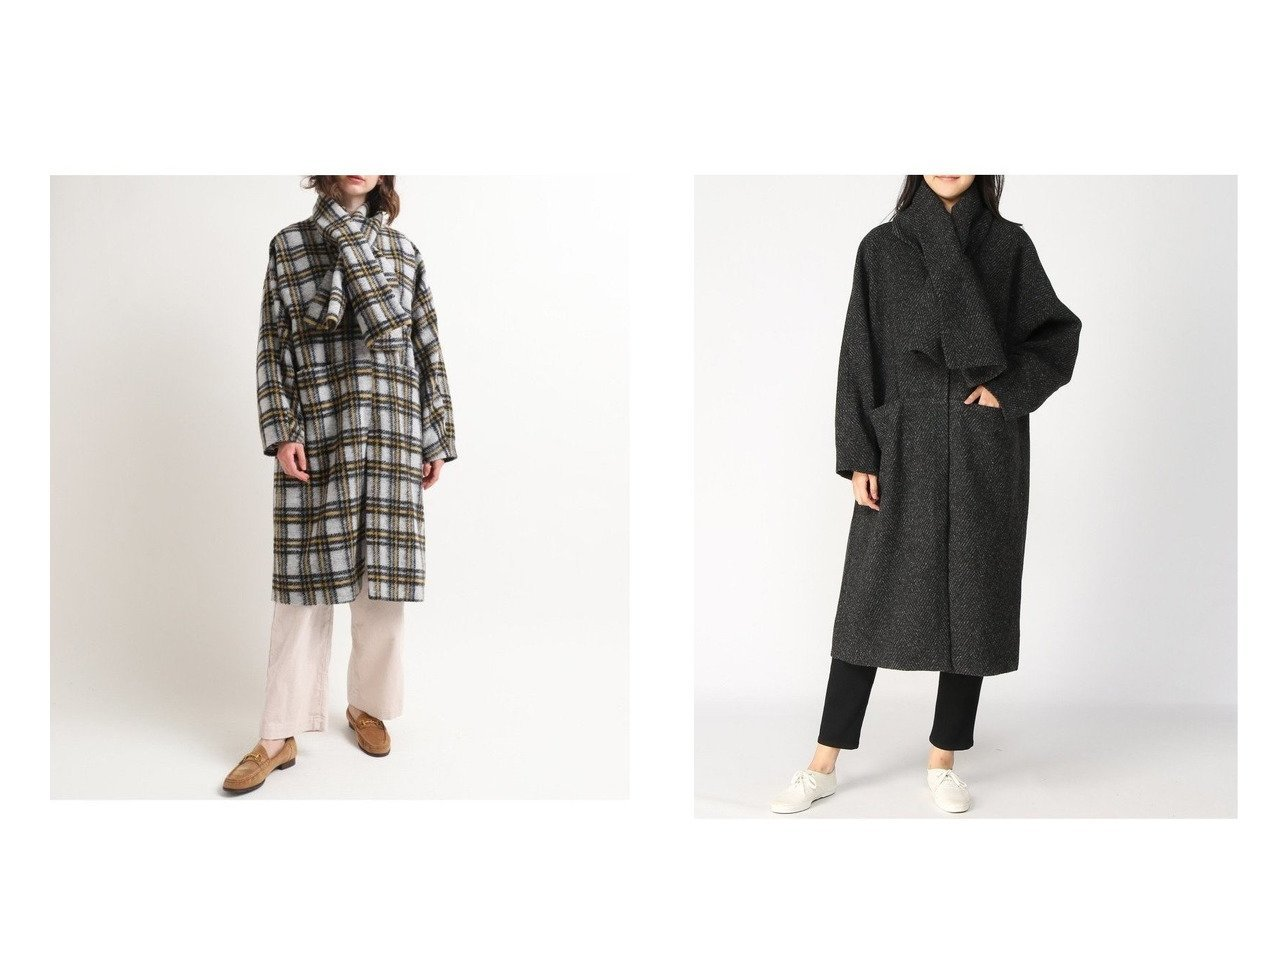 【RNA-N/アールエヌエーエヌ】のマフラー付きスライバーコート アウターのおすすめ!人気、レディースファッションの通販 おすすめで人気のファッション通販商品 インテリア・家具・キッズファッション・メンズファッション・レディースファッション・服の通販 founy(ファニー) https://founy.com/ ファッション Fashion レディース WOMEN アウター Coat Outerwear コート Coats ジャケット Jackets マフラー Mufflers イタリア ジャケット チェック ヘリンボン ポケット マフラー ロング 無地 |ID:crp329100000003113